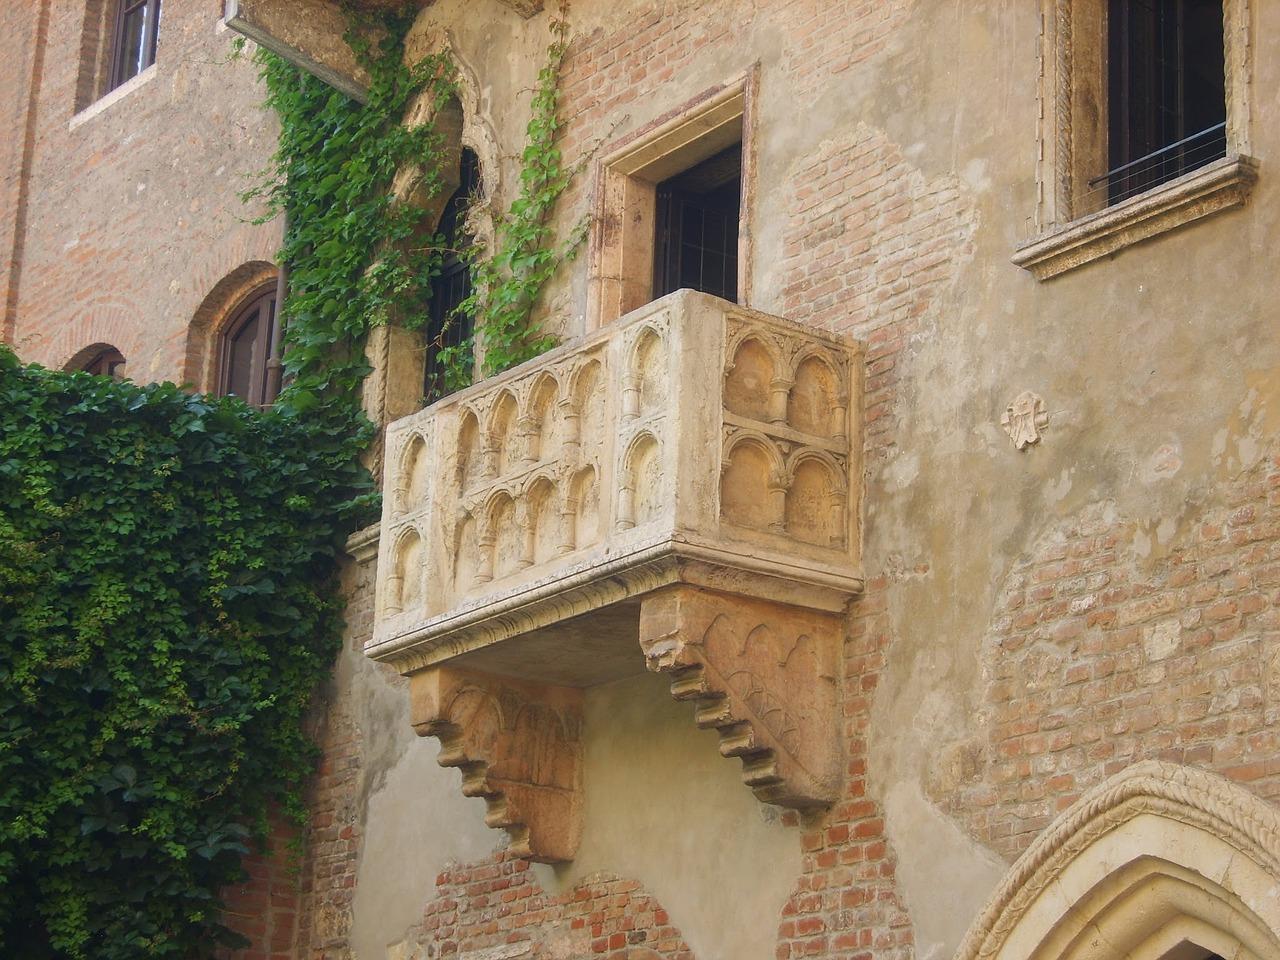 Casa di Giulietta - its famous balcony